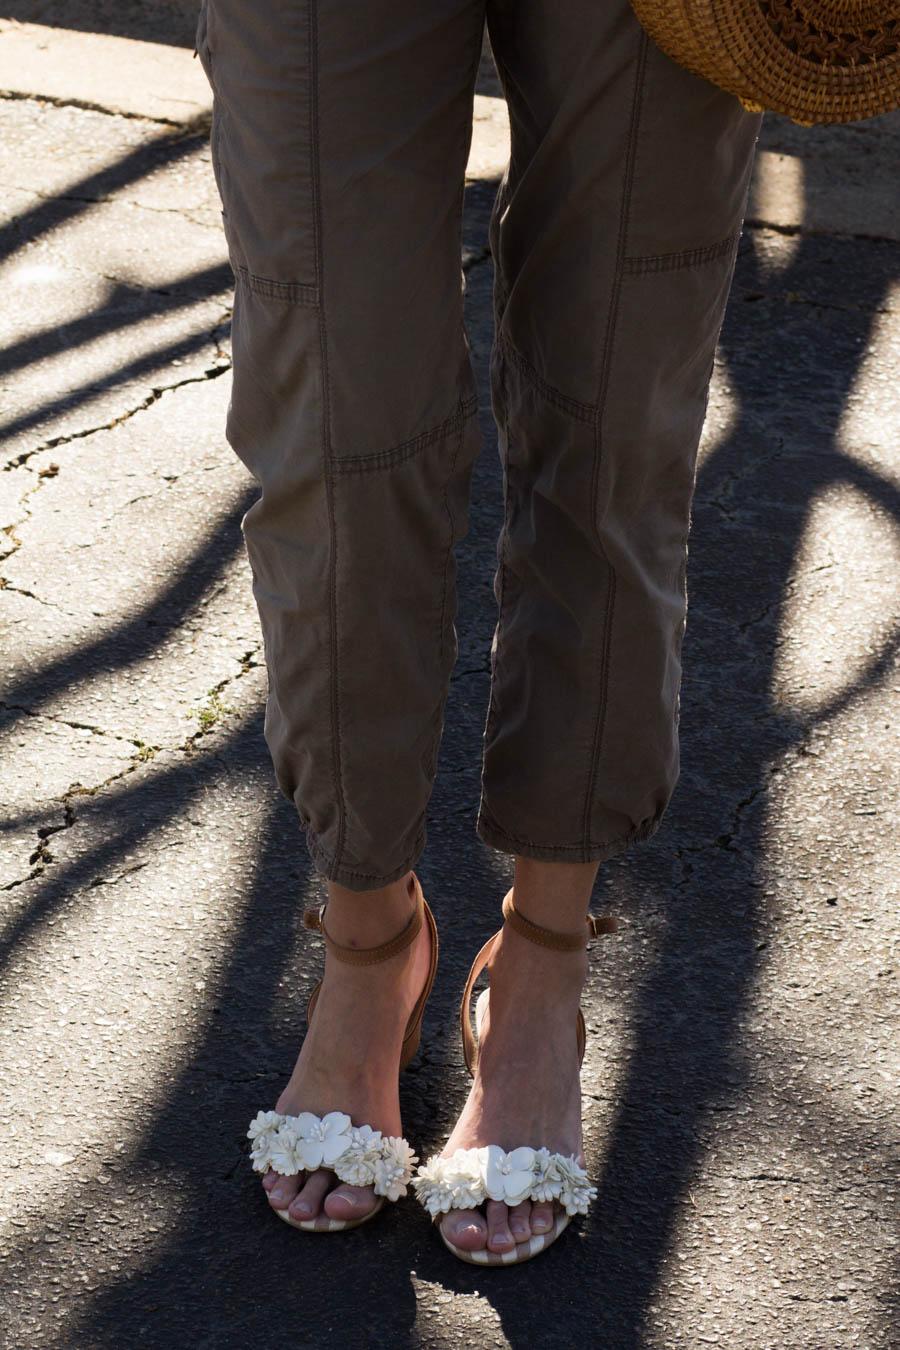 Women's Spring sandal